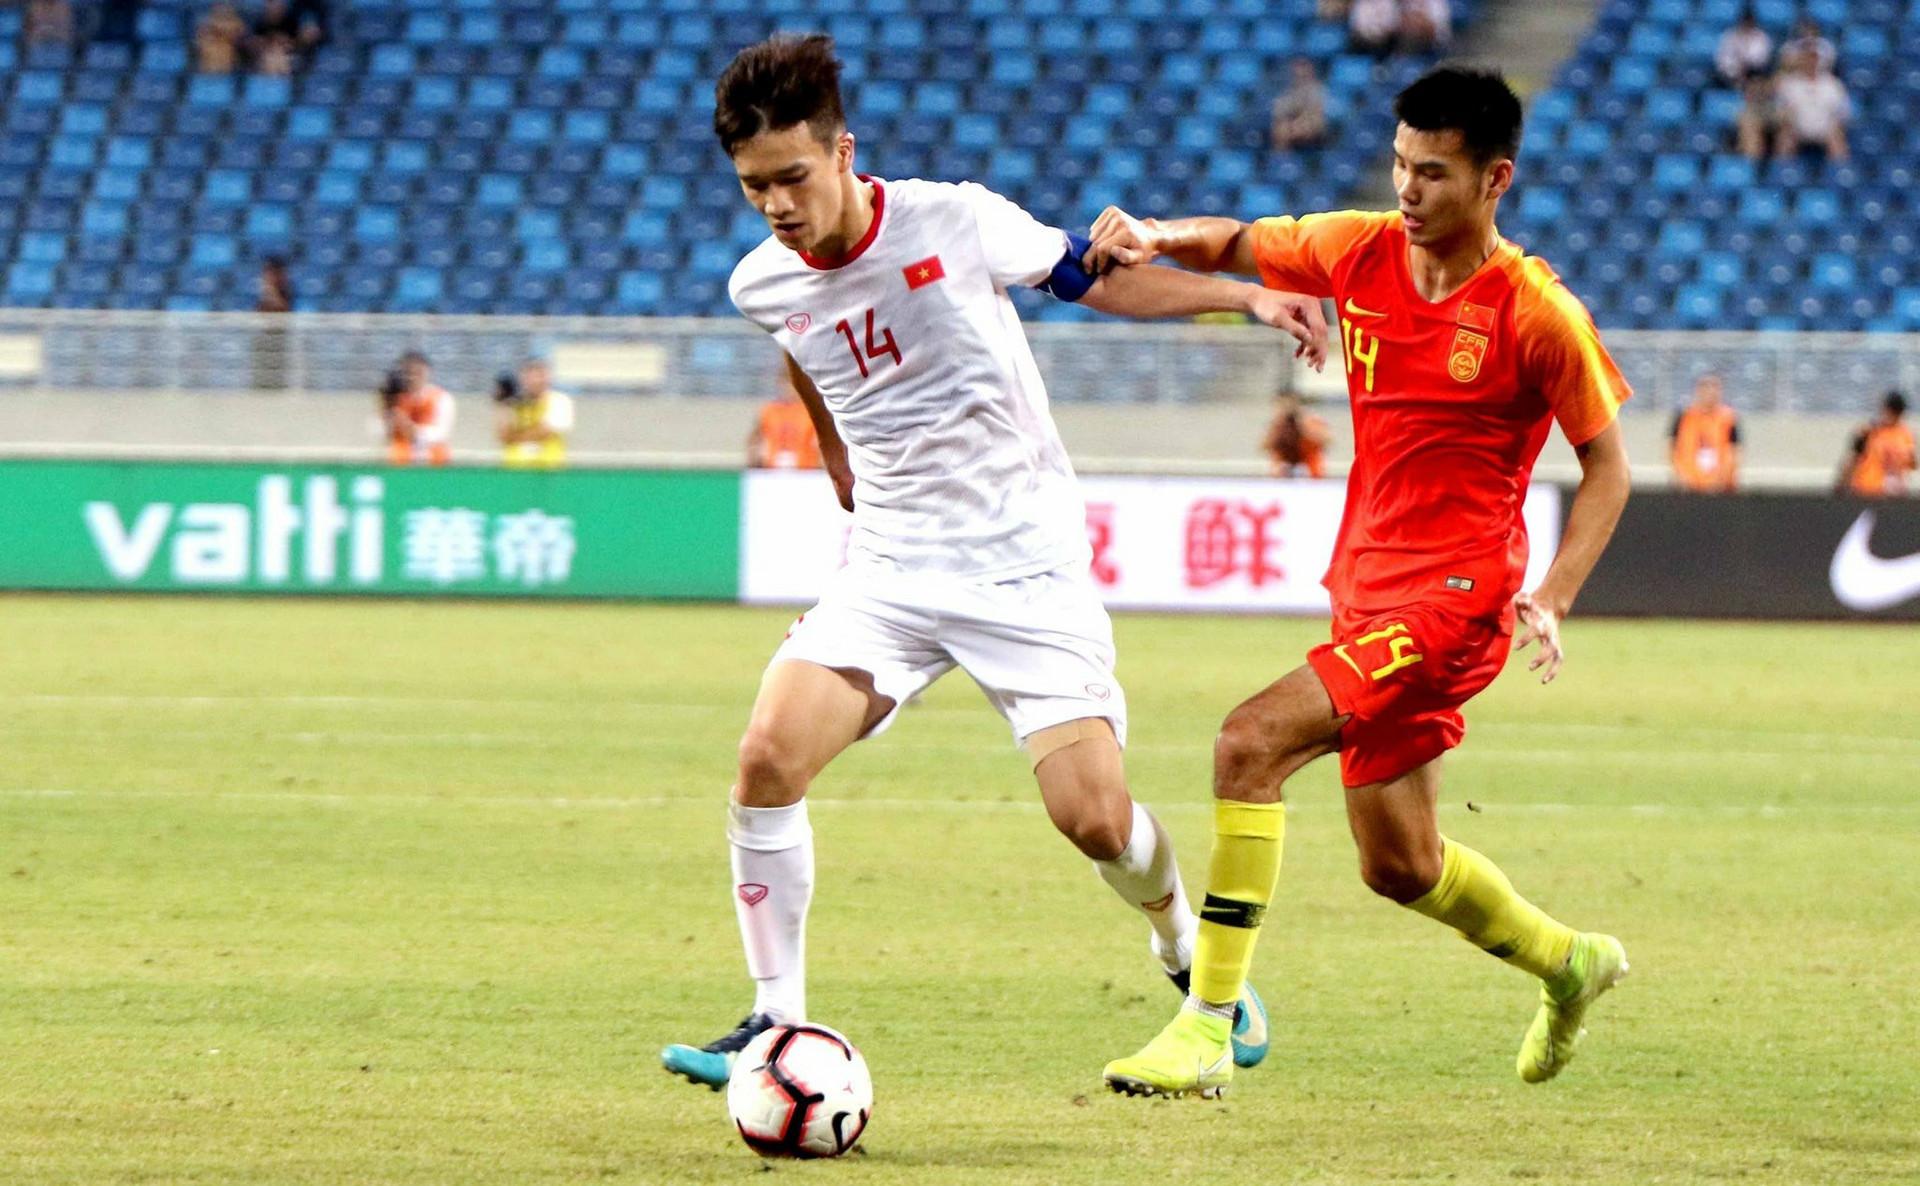 Vòng loại World Cup 2022: Tuyển Việt Nam đủ sức thắng Trung Quốc - 5